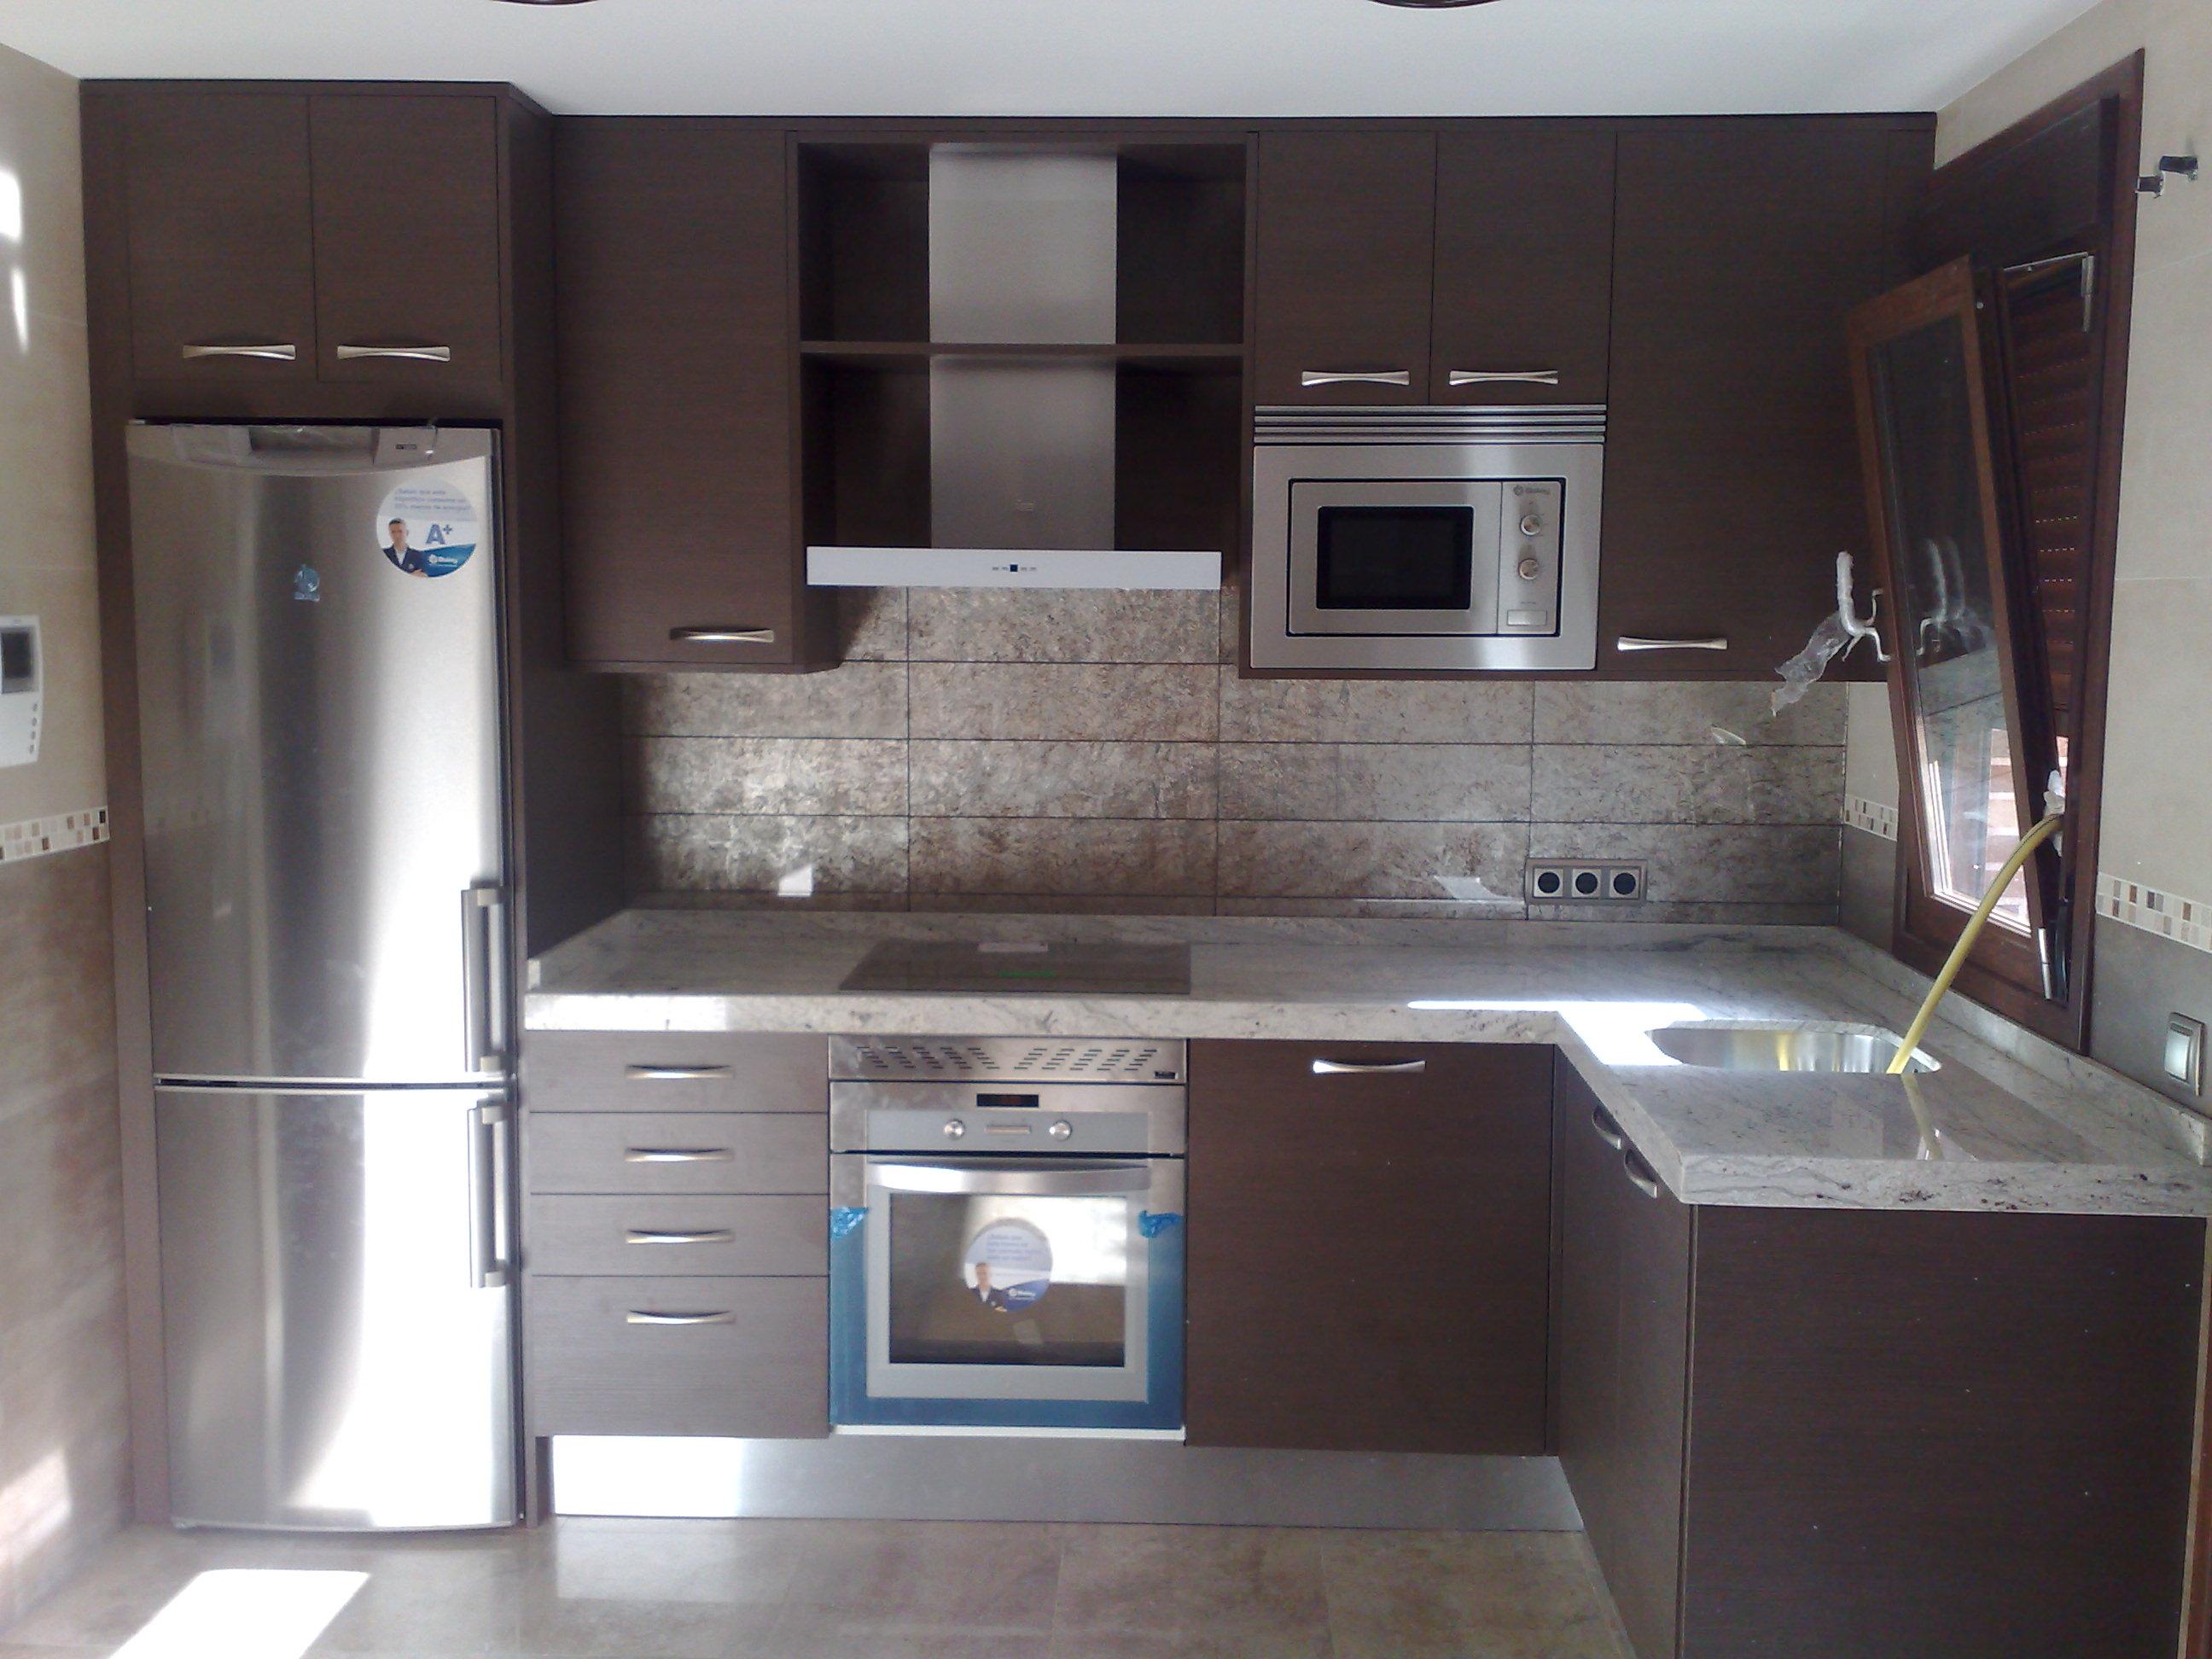 Muebles valdecocina muebles de cocina for Simulador de muebles de cocina